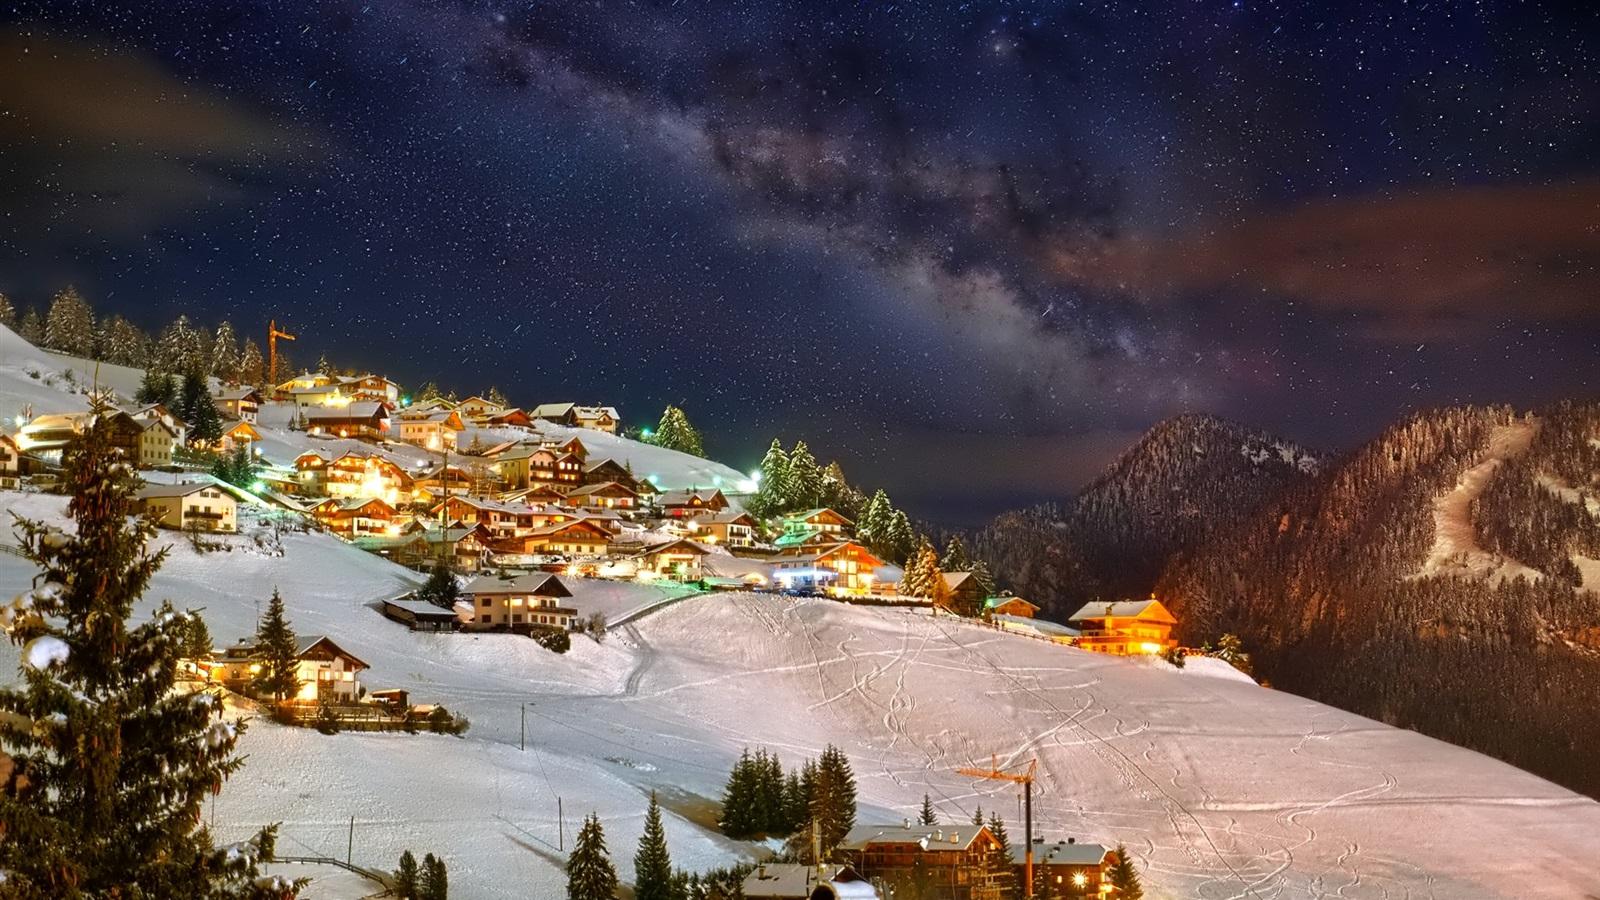 ... 房子,灯 壁纸 | 1600x900 壁纸下载 | CN.Best-Wallpaper.Net Christmas Snow Wallpaper Hd